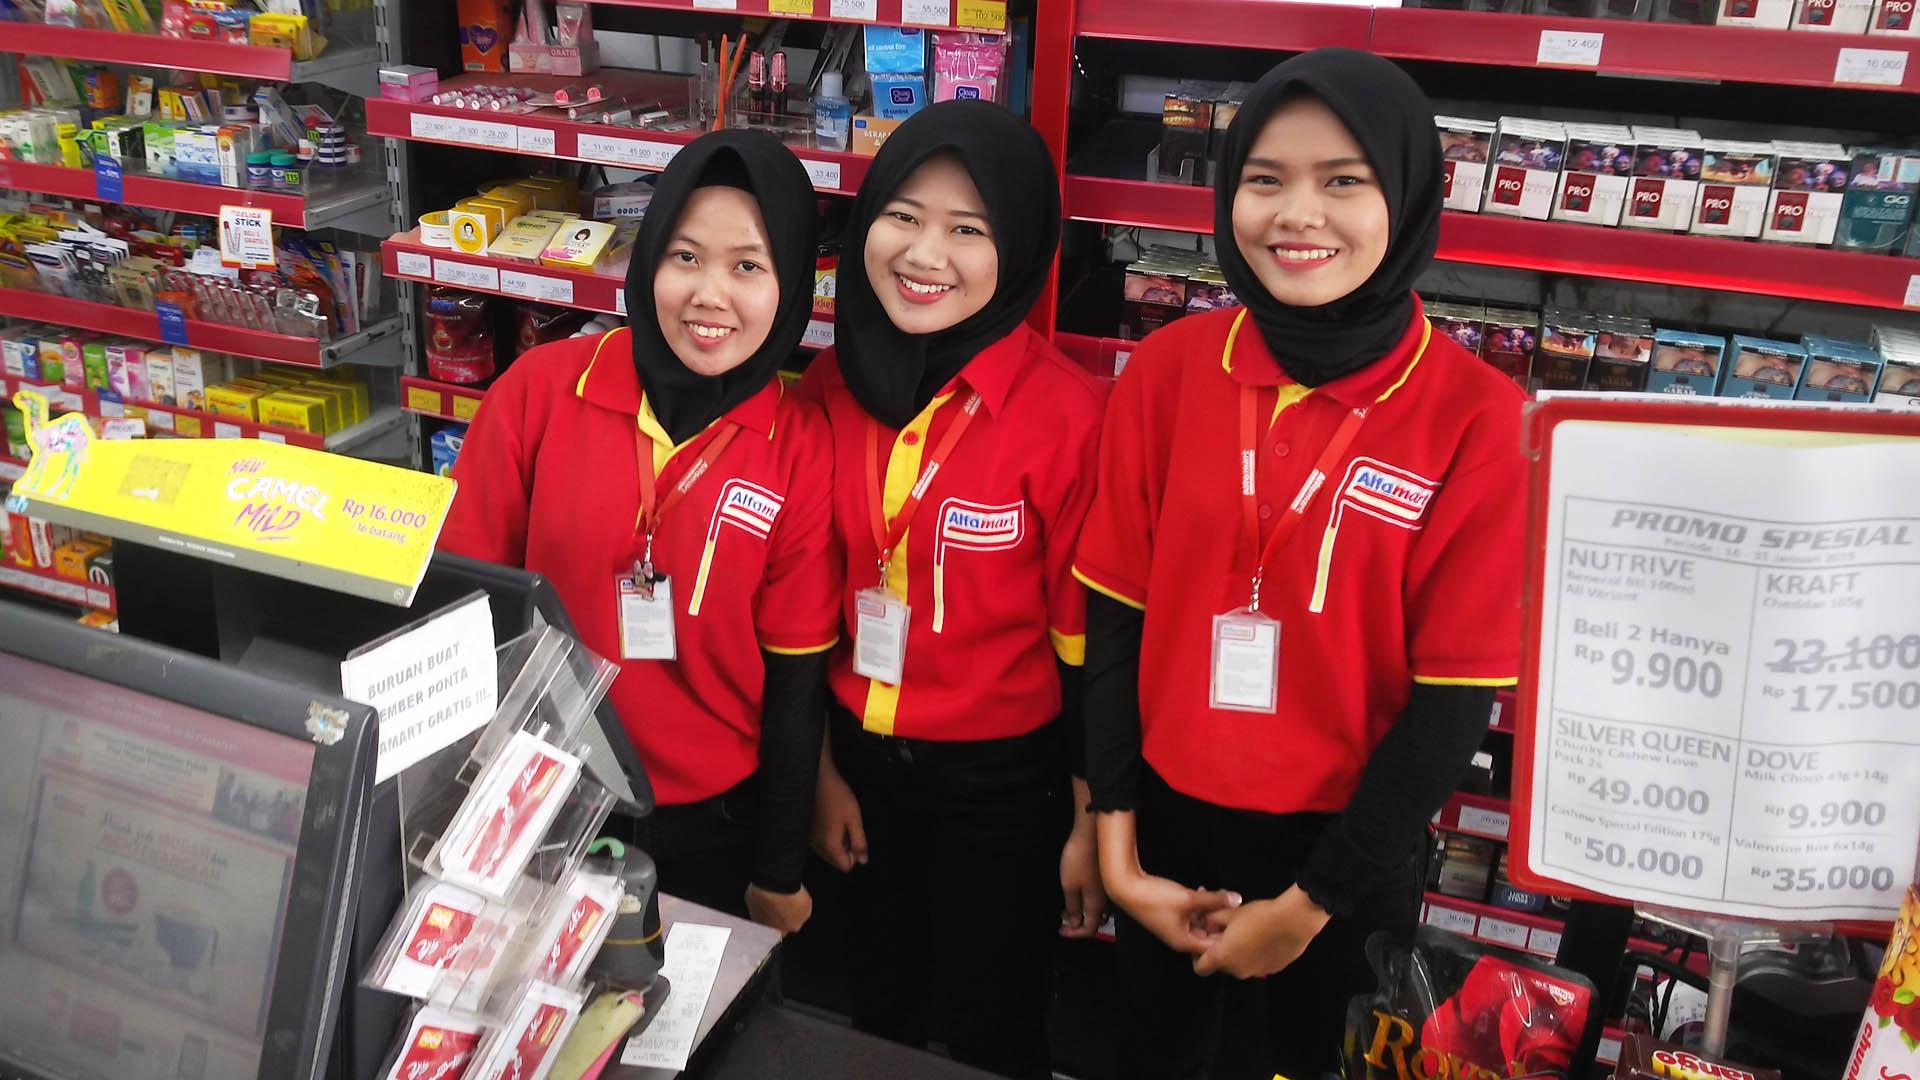 Das freundliche Team des Alfamart an der Kasse